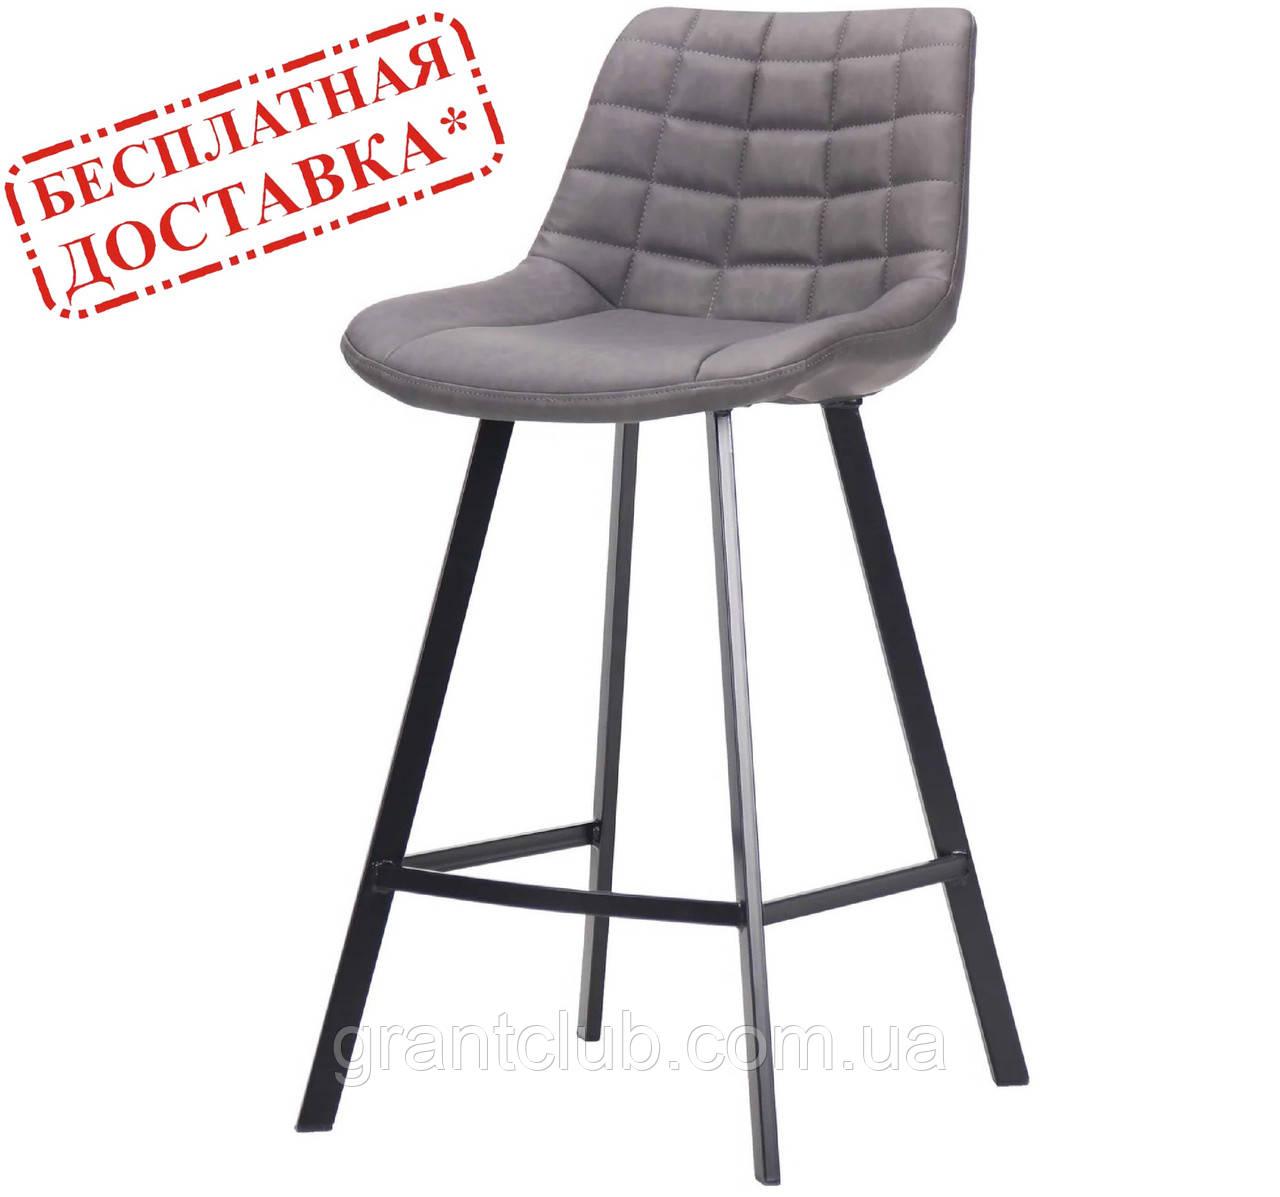 Стул барный CLIF Dark grey/темно-серый AMF (бесплатная адресная доставка)